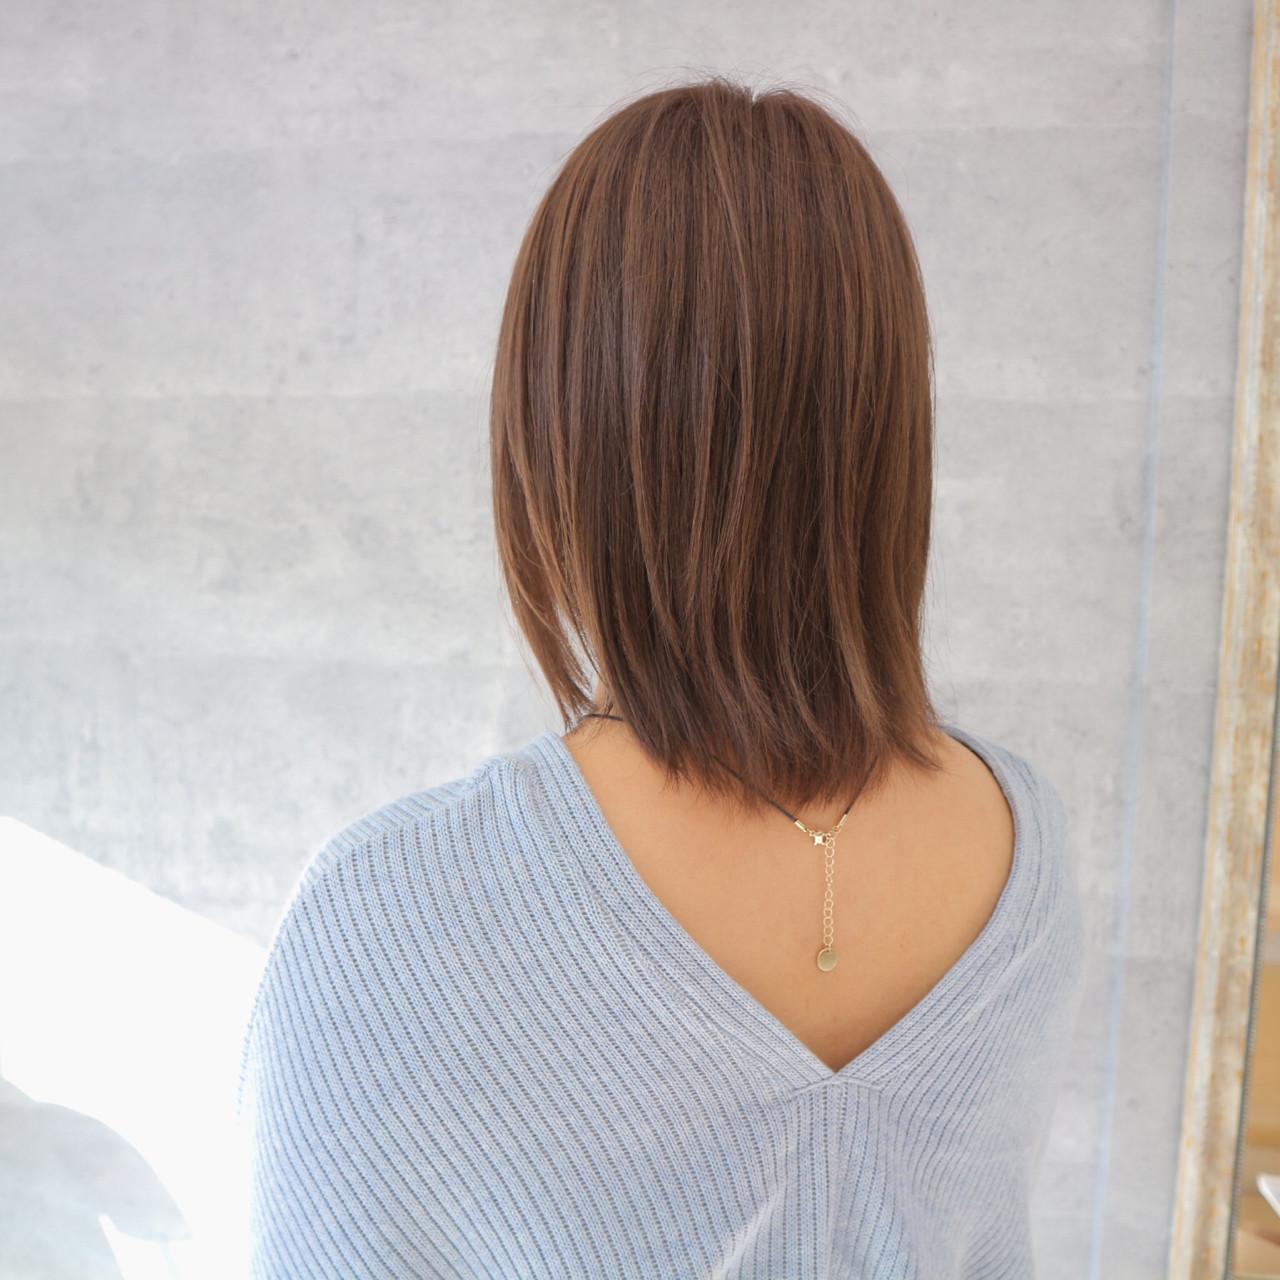 爽やか こなれ感 デート エレガント ヘアスタイルや髪型の写真・画像